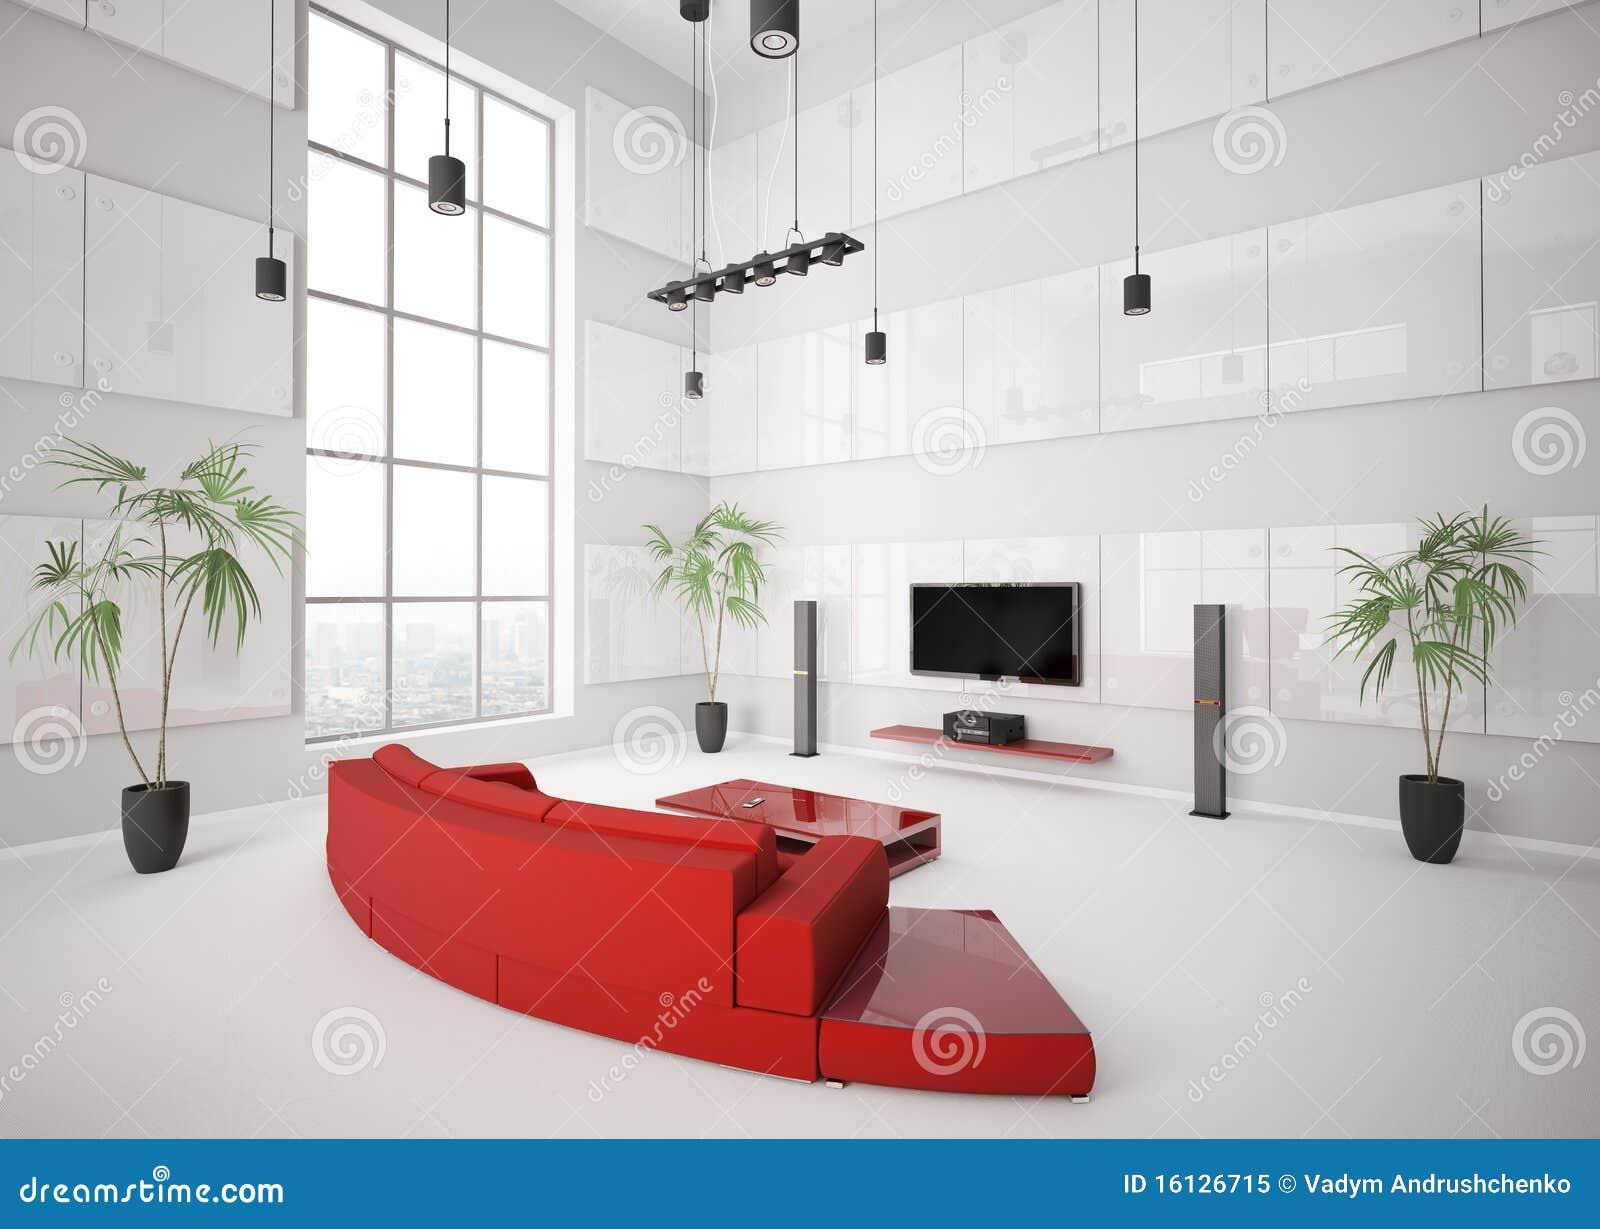 Foto de Stock Royalty Free: Sala de visitas branca com sofá vermelho ...